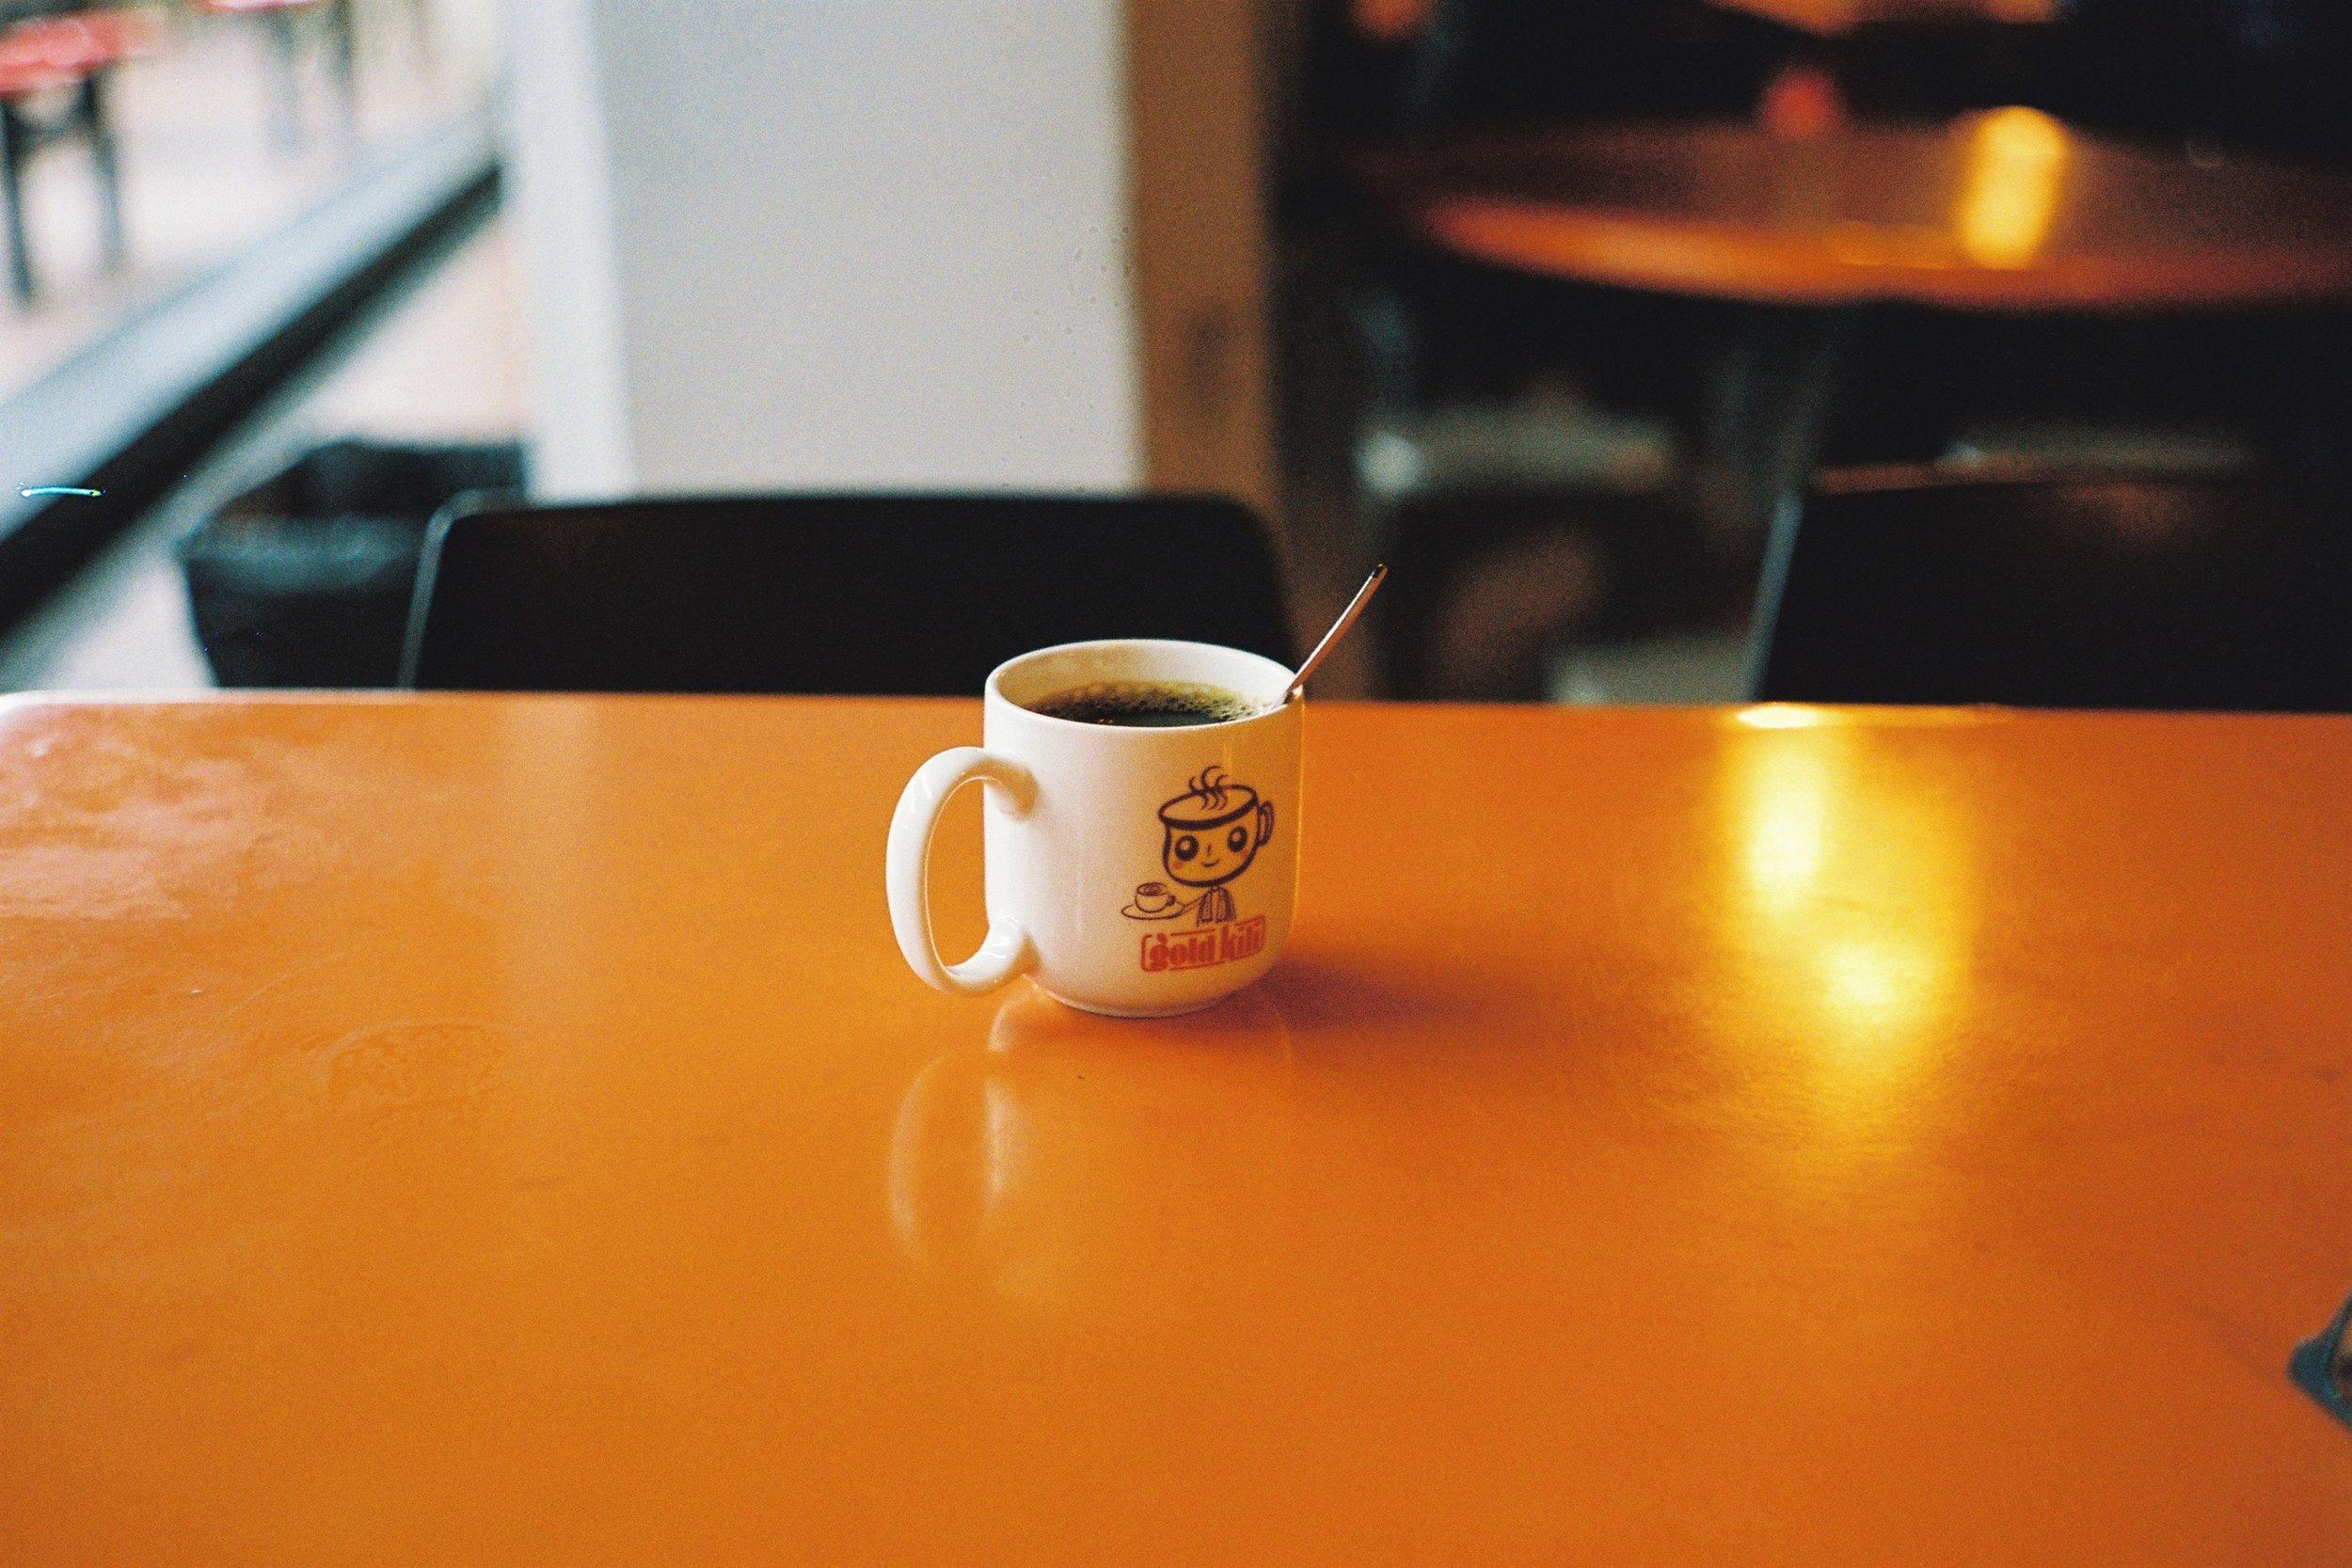 Kopi O Kosong coffee